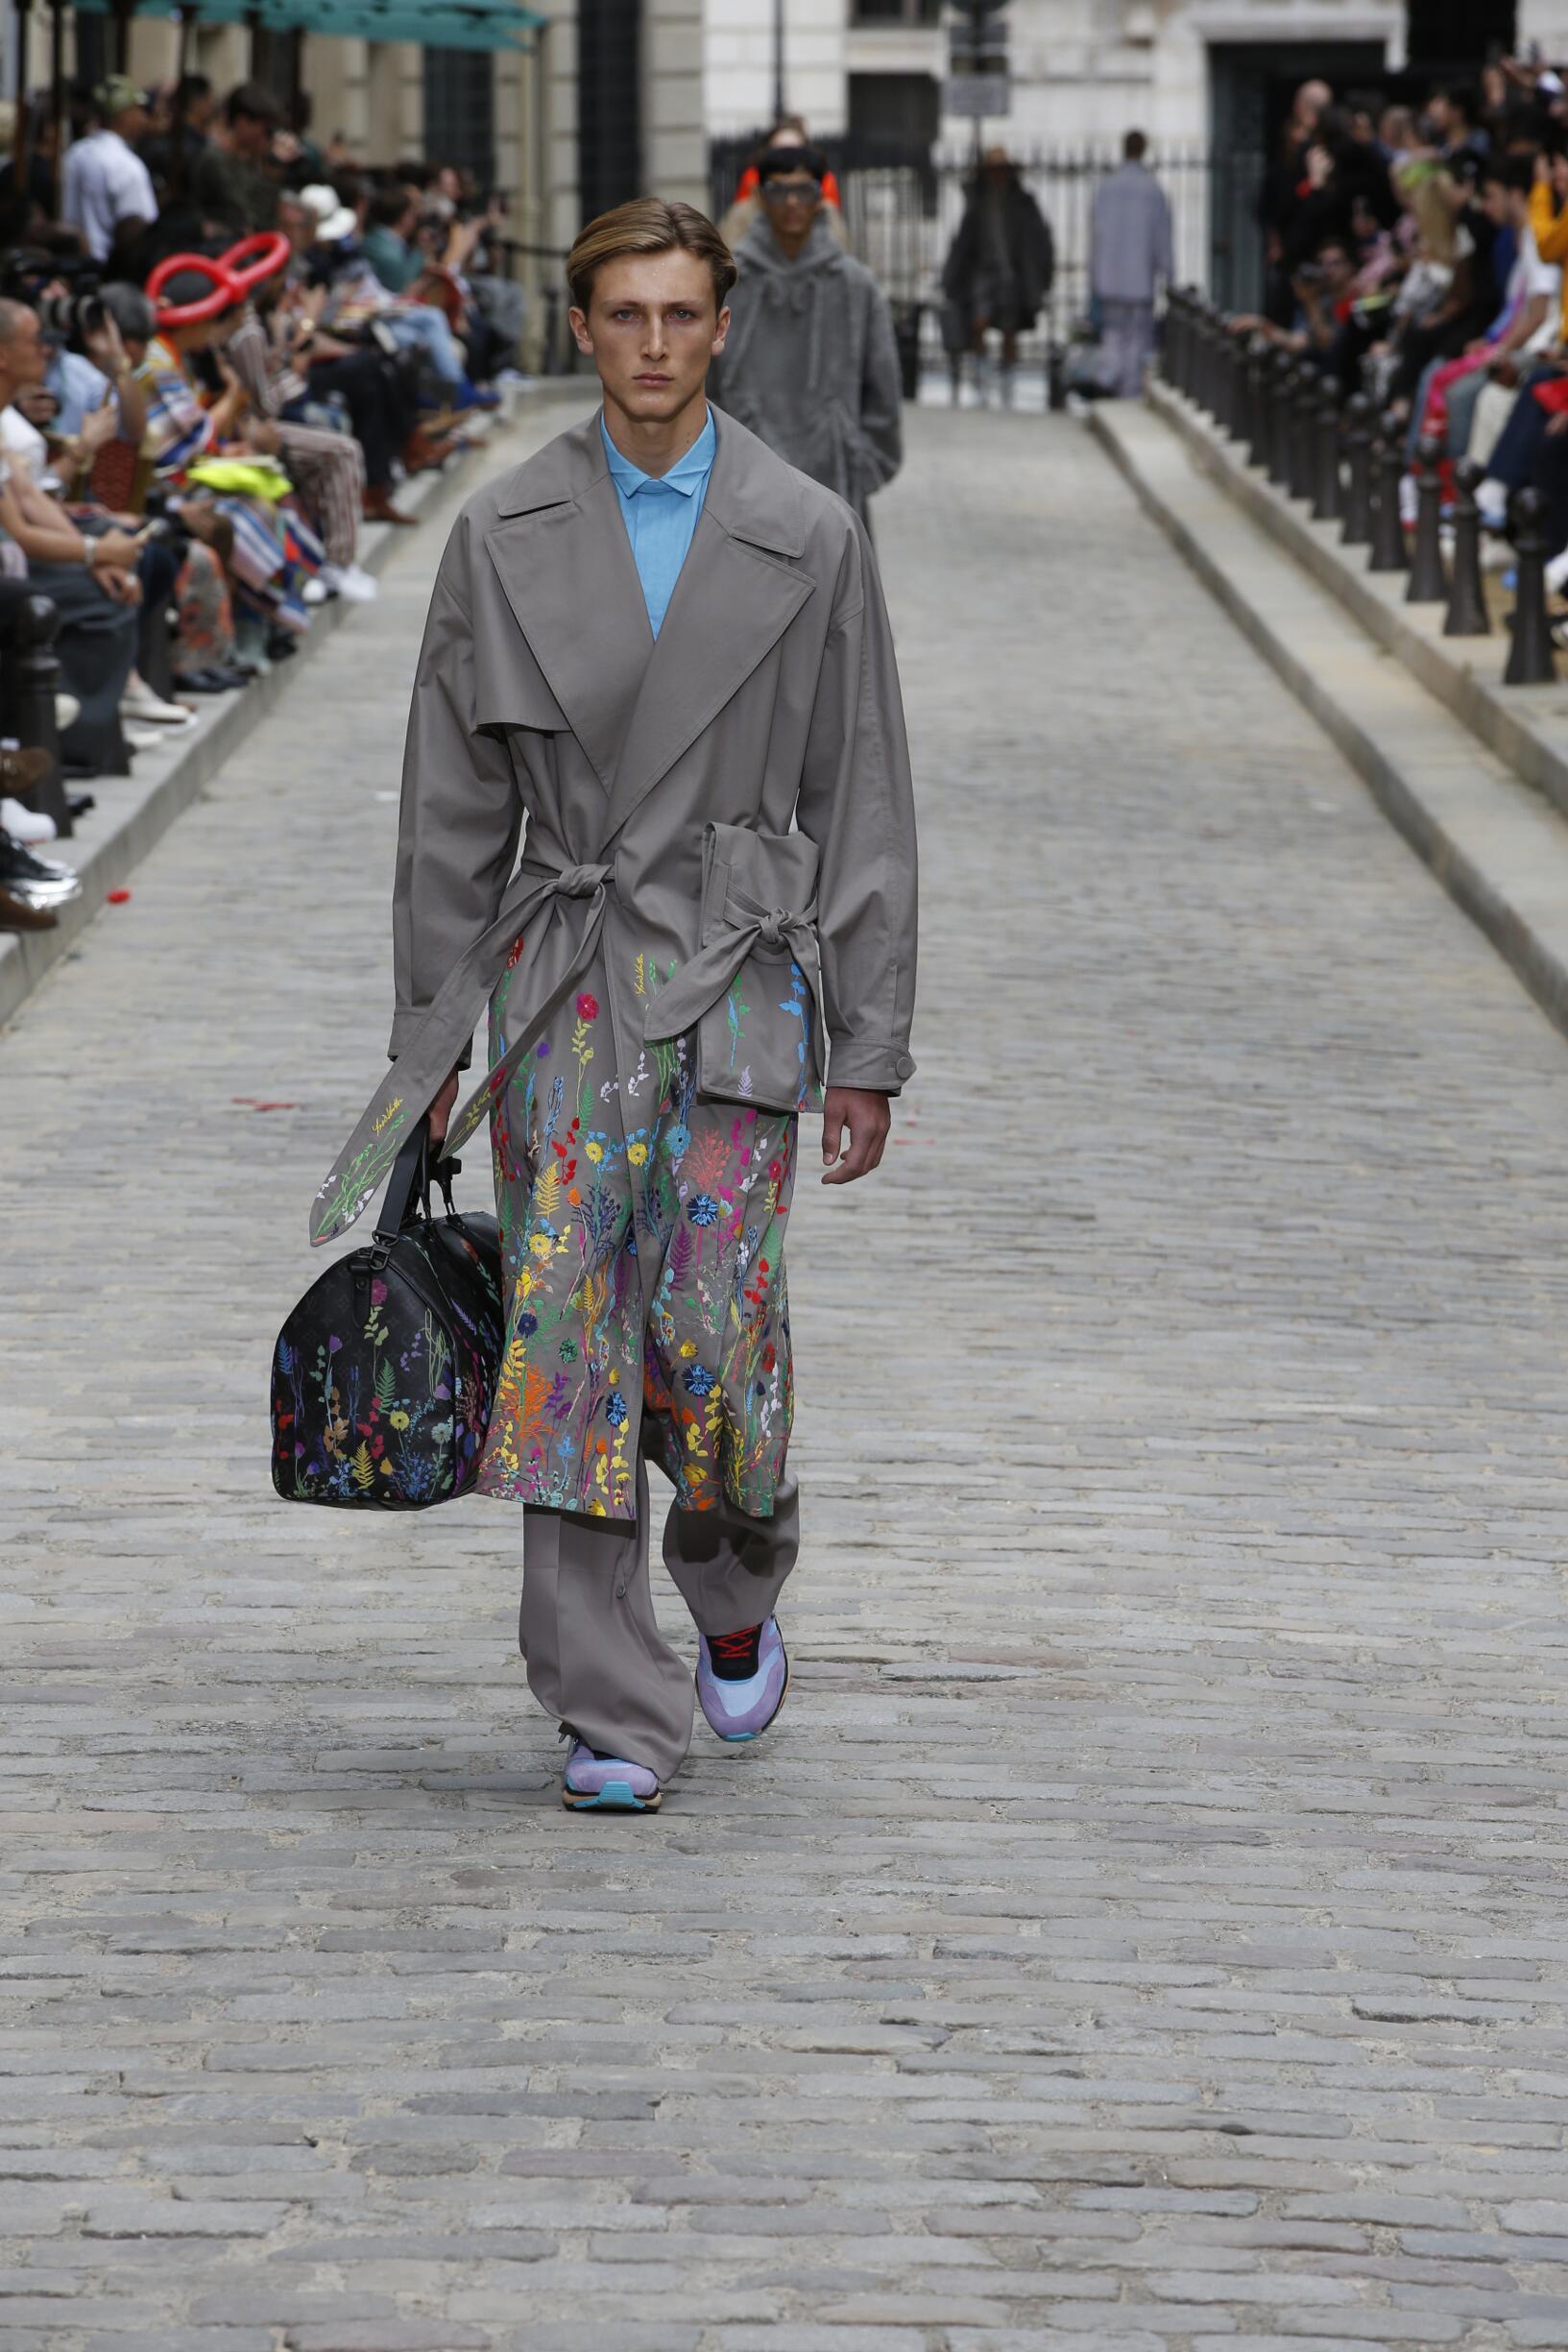 Louis Vuitton Summer 2020 Catwalk